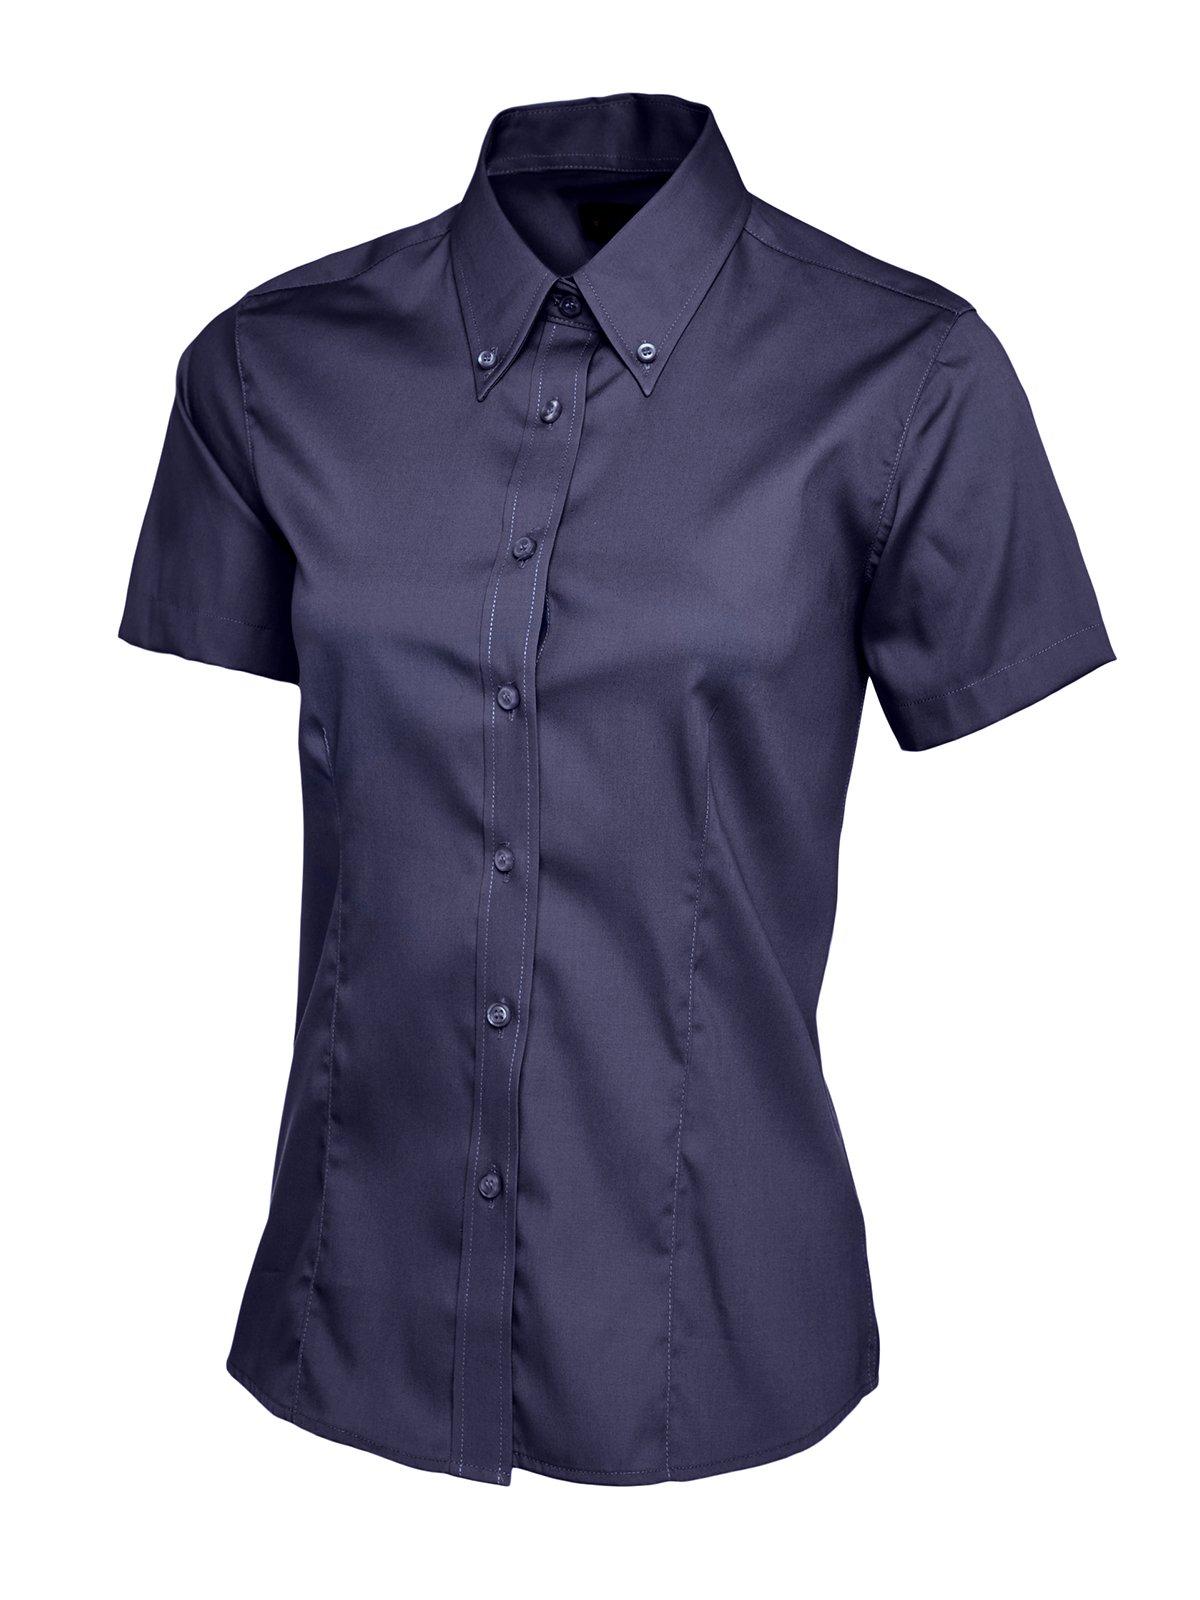 Pinpoint Oxford - Camisa de manga corta para mujer, diseño de negocios, color azul marino, algodón 15% elastano, poliéster, 7% poliéster, 93% 85% peinado, mujer, XS: Amazon.es: Ropa y accesorios